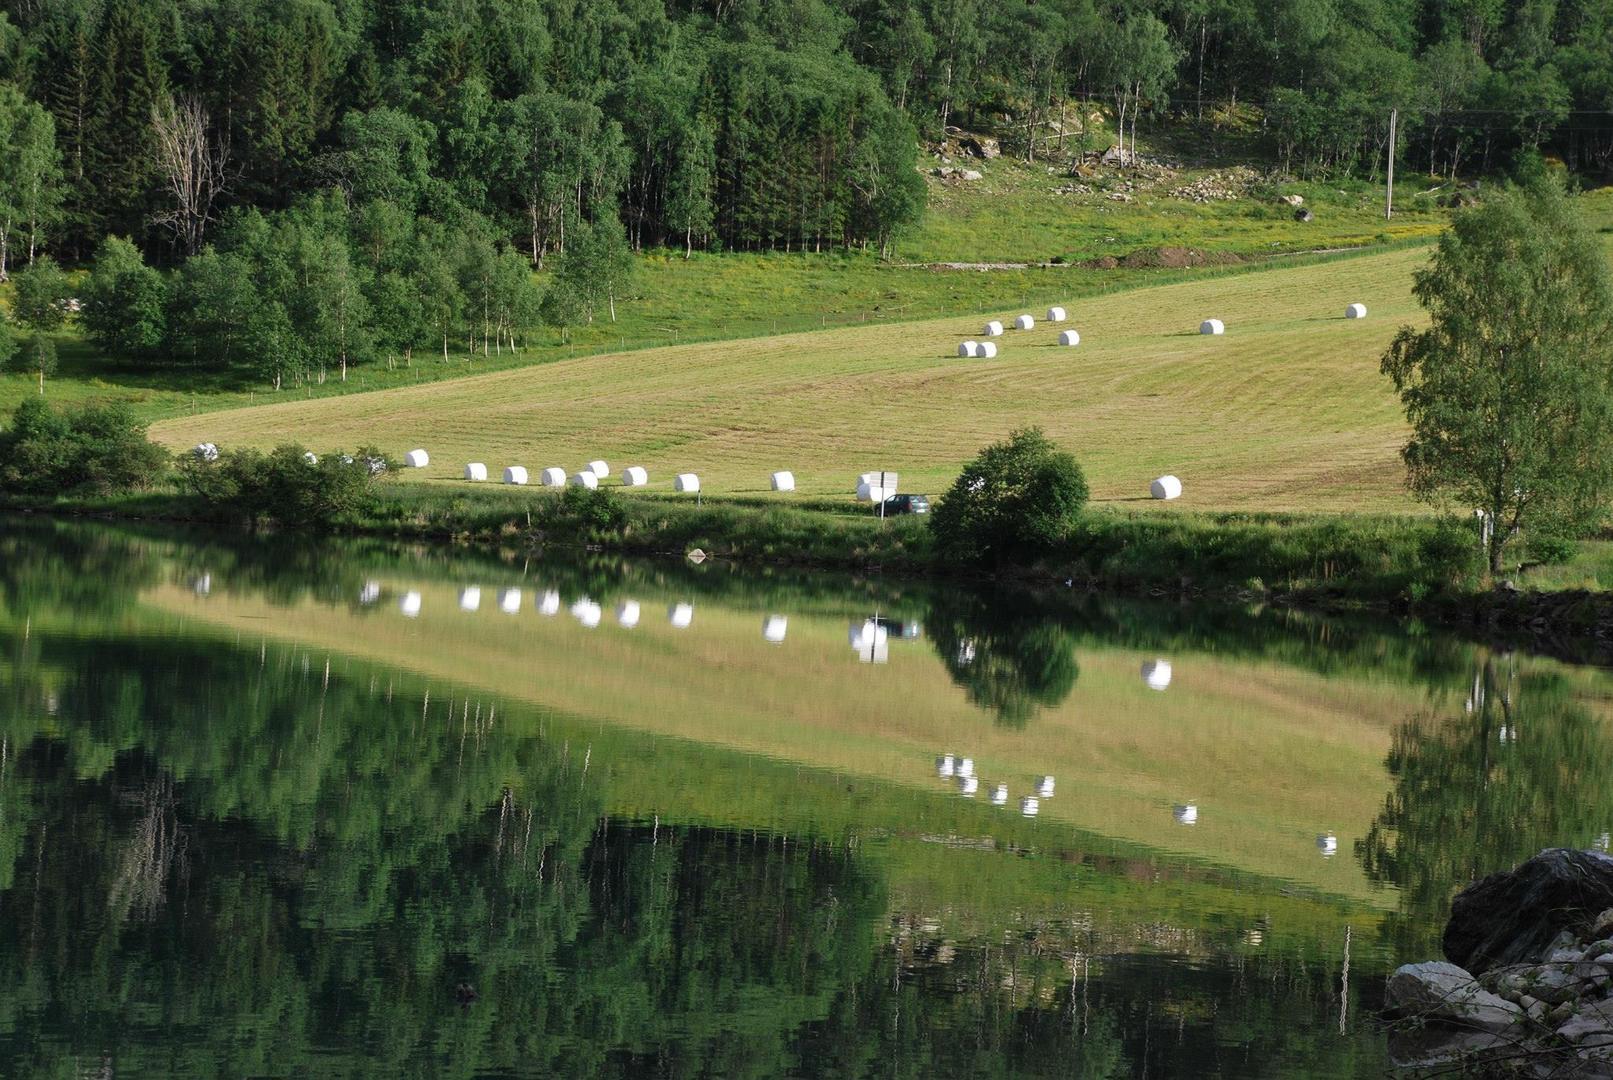 אגם Eidsvatnet וההשתקפויות הנפלאות